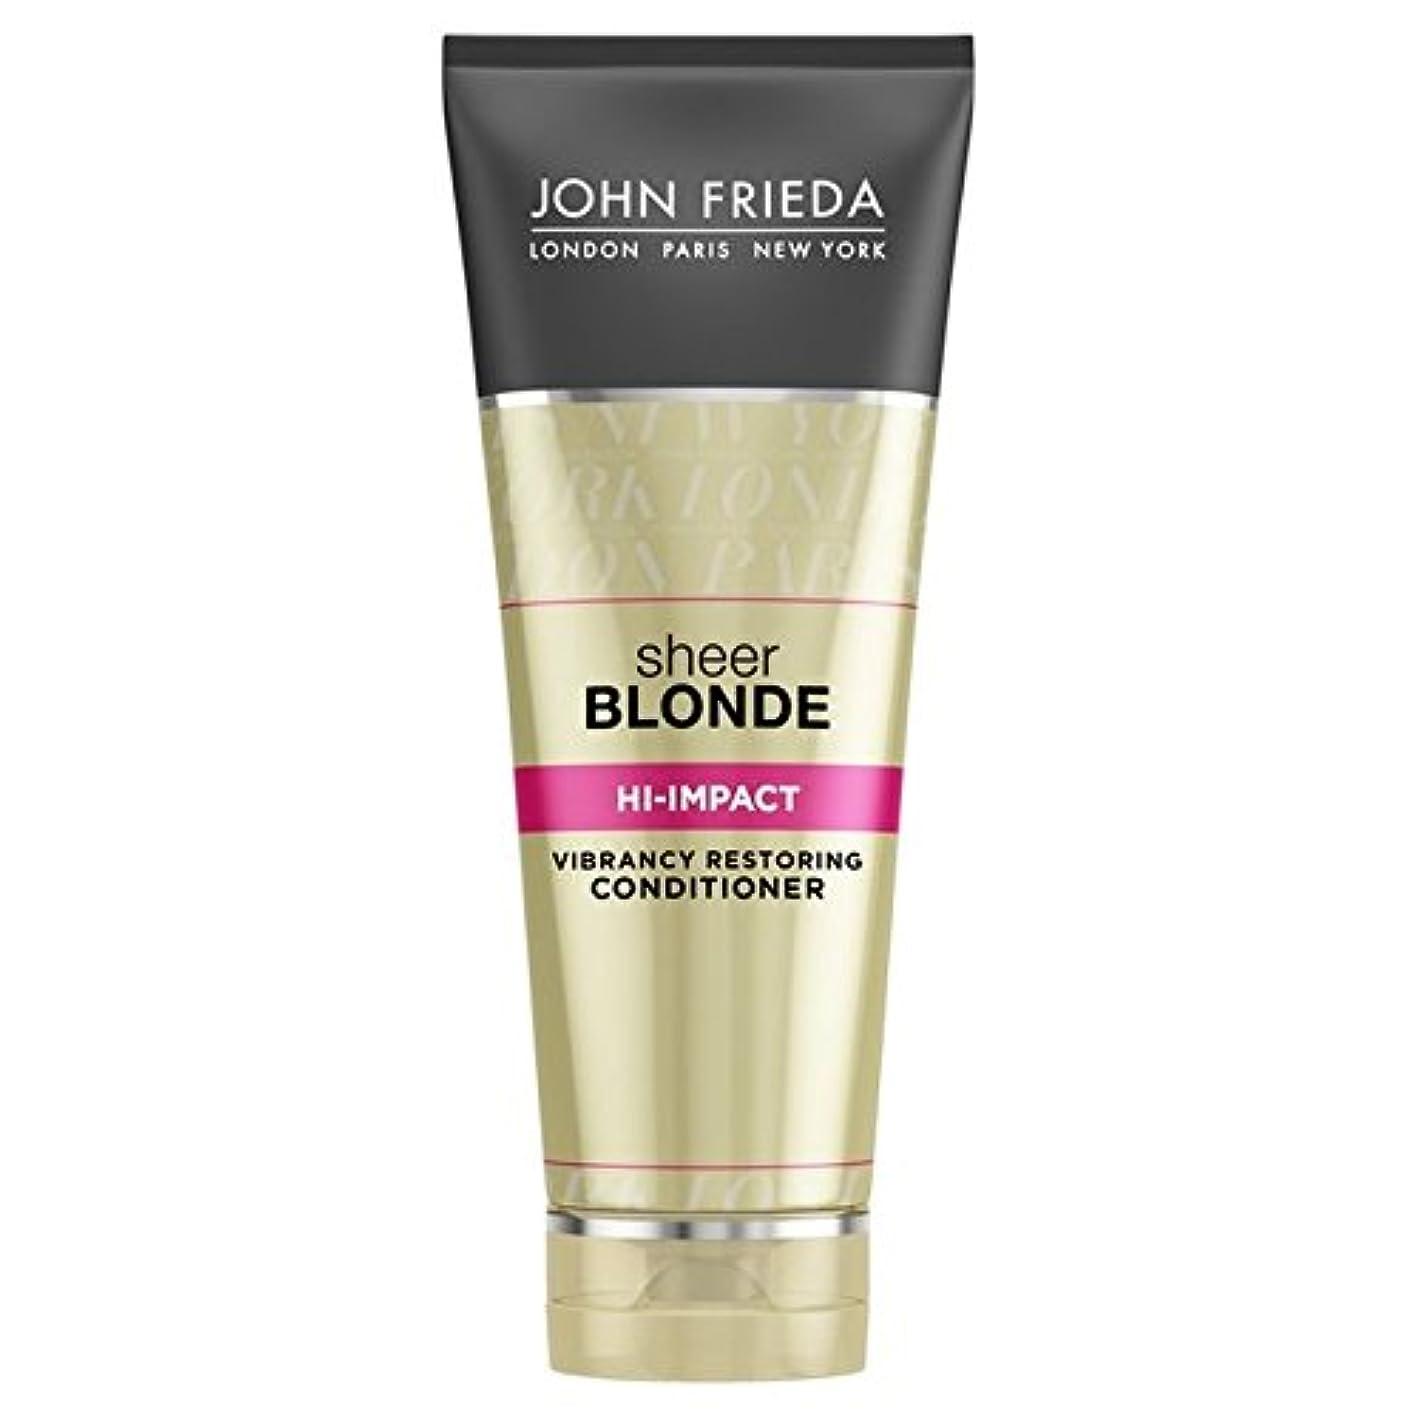 博覧会マーチャンダイザー眼ジョン?フリーダ膨大なブロンドハイインパクトコンディショナー250 x2 - John Frieda Sheer Blonde Hi Impact Conditioner 250ml (Pack of 2) [並行輸入品]